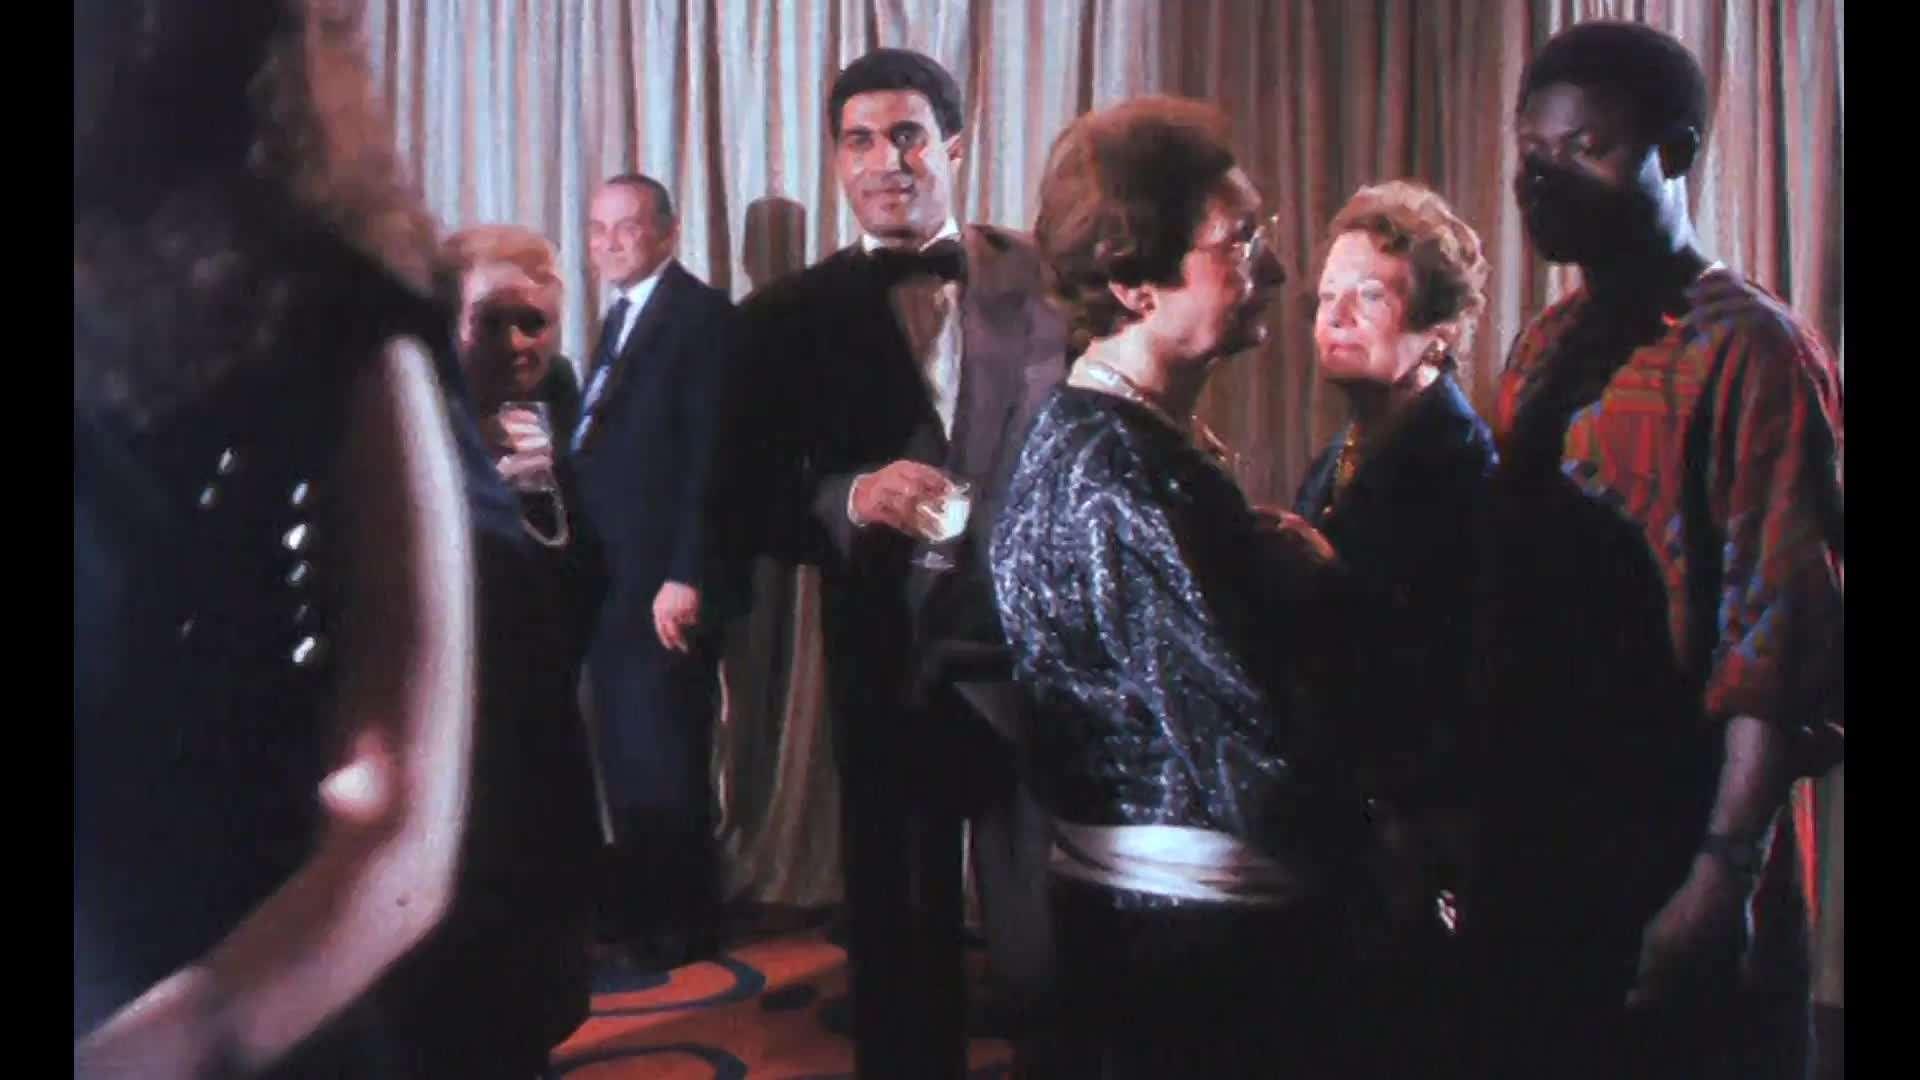 [فيلم][تورنت][تحميل][امرأة واحدة لا تكفي][1990][1080p][Web-DL] 8 arabp2p.com